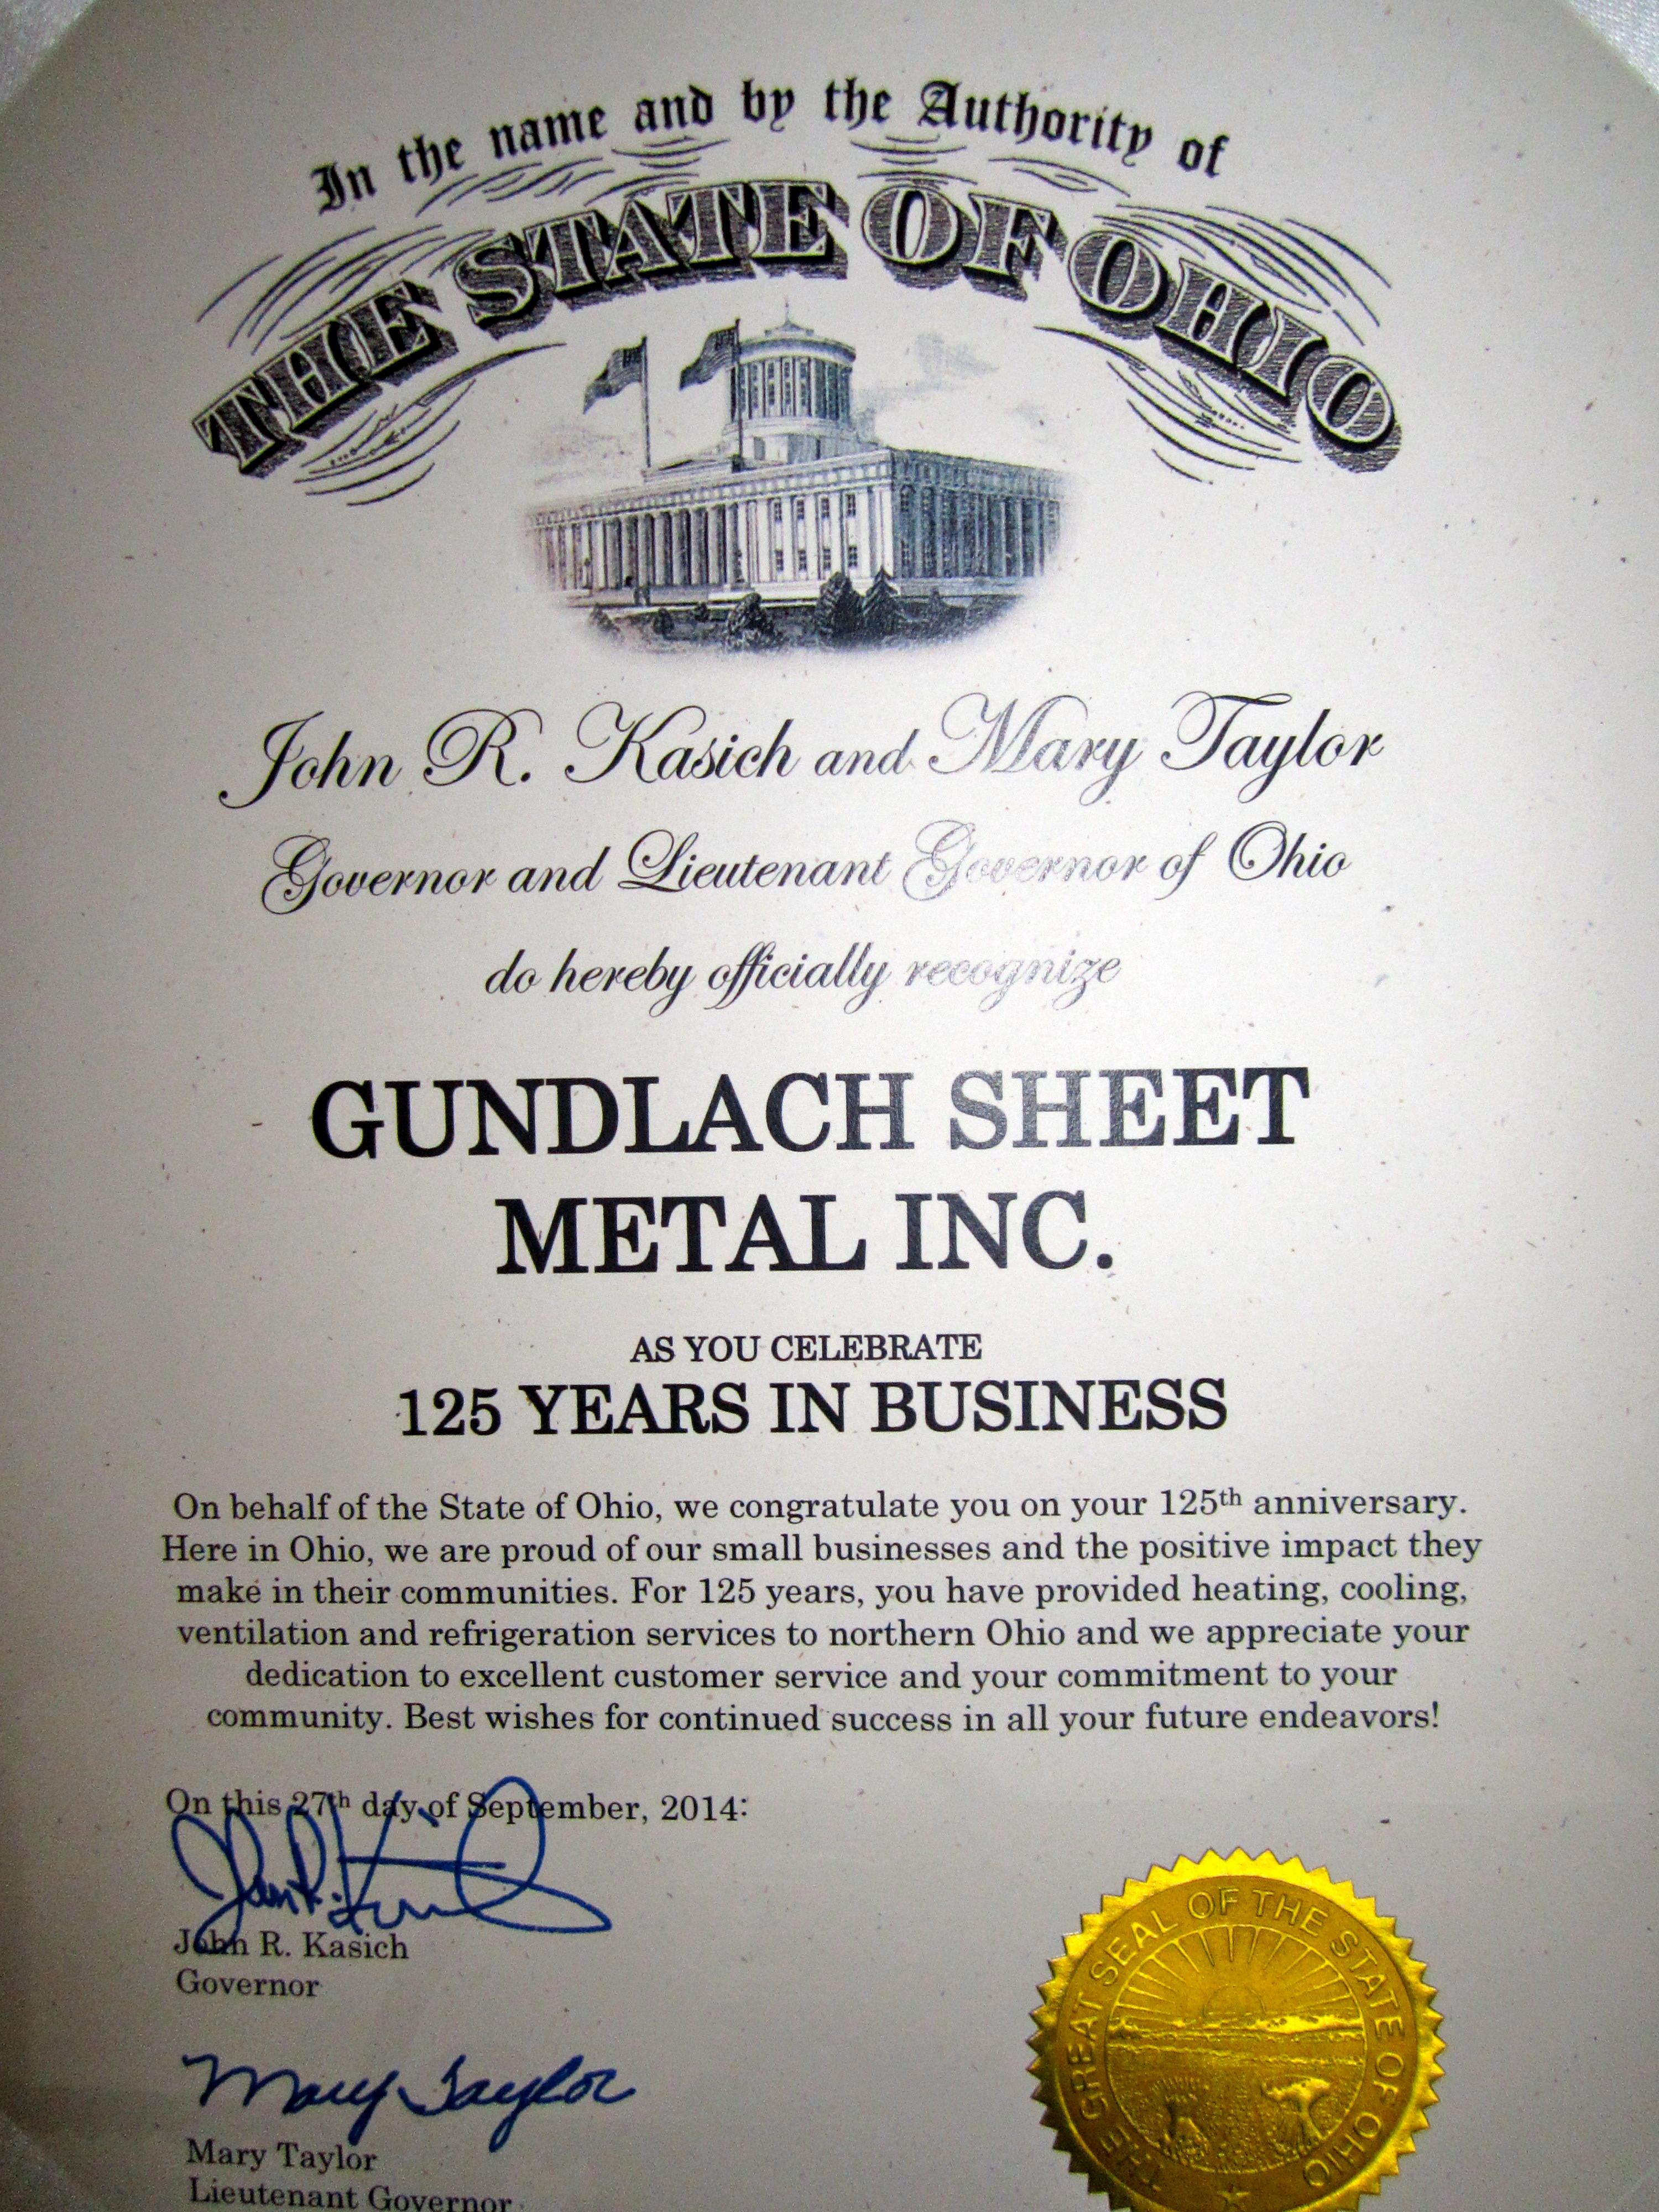 Gundlach Sheet Metal Works Inc image 0